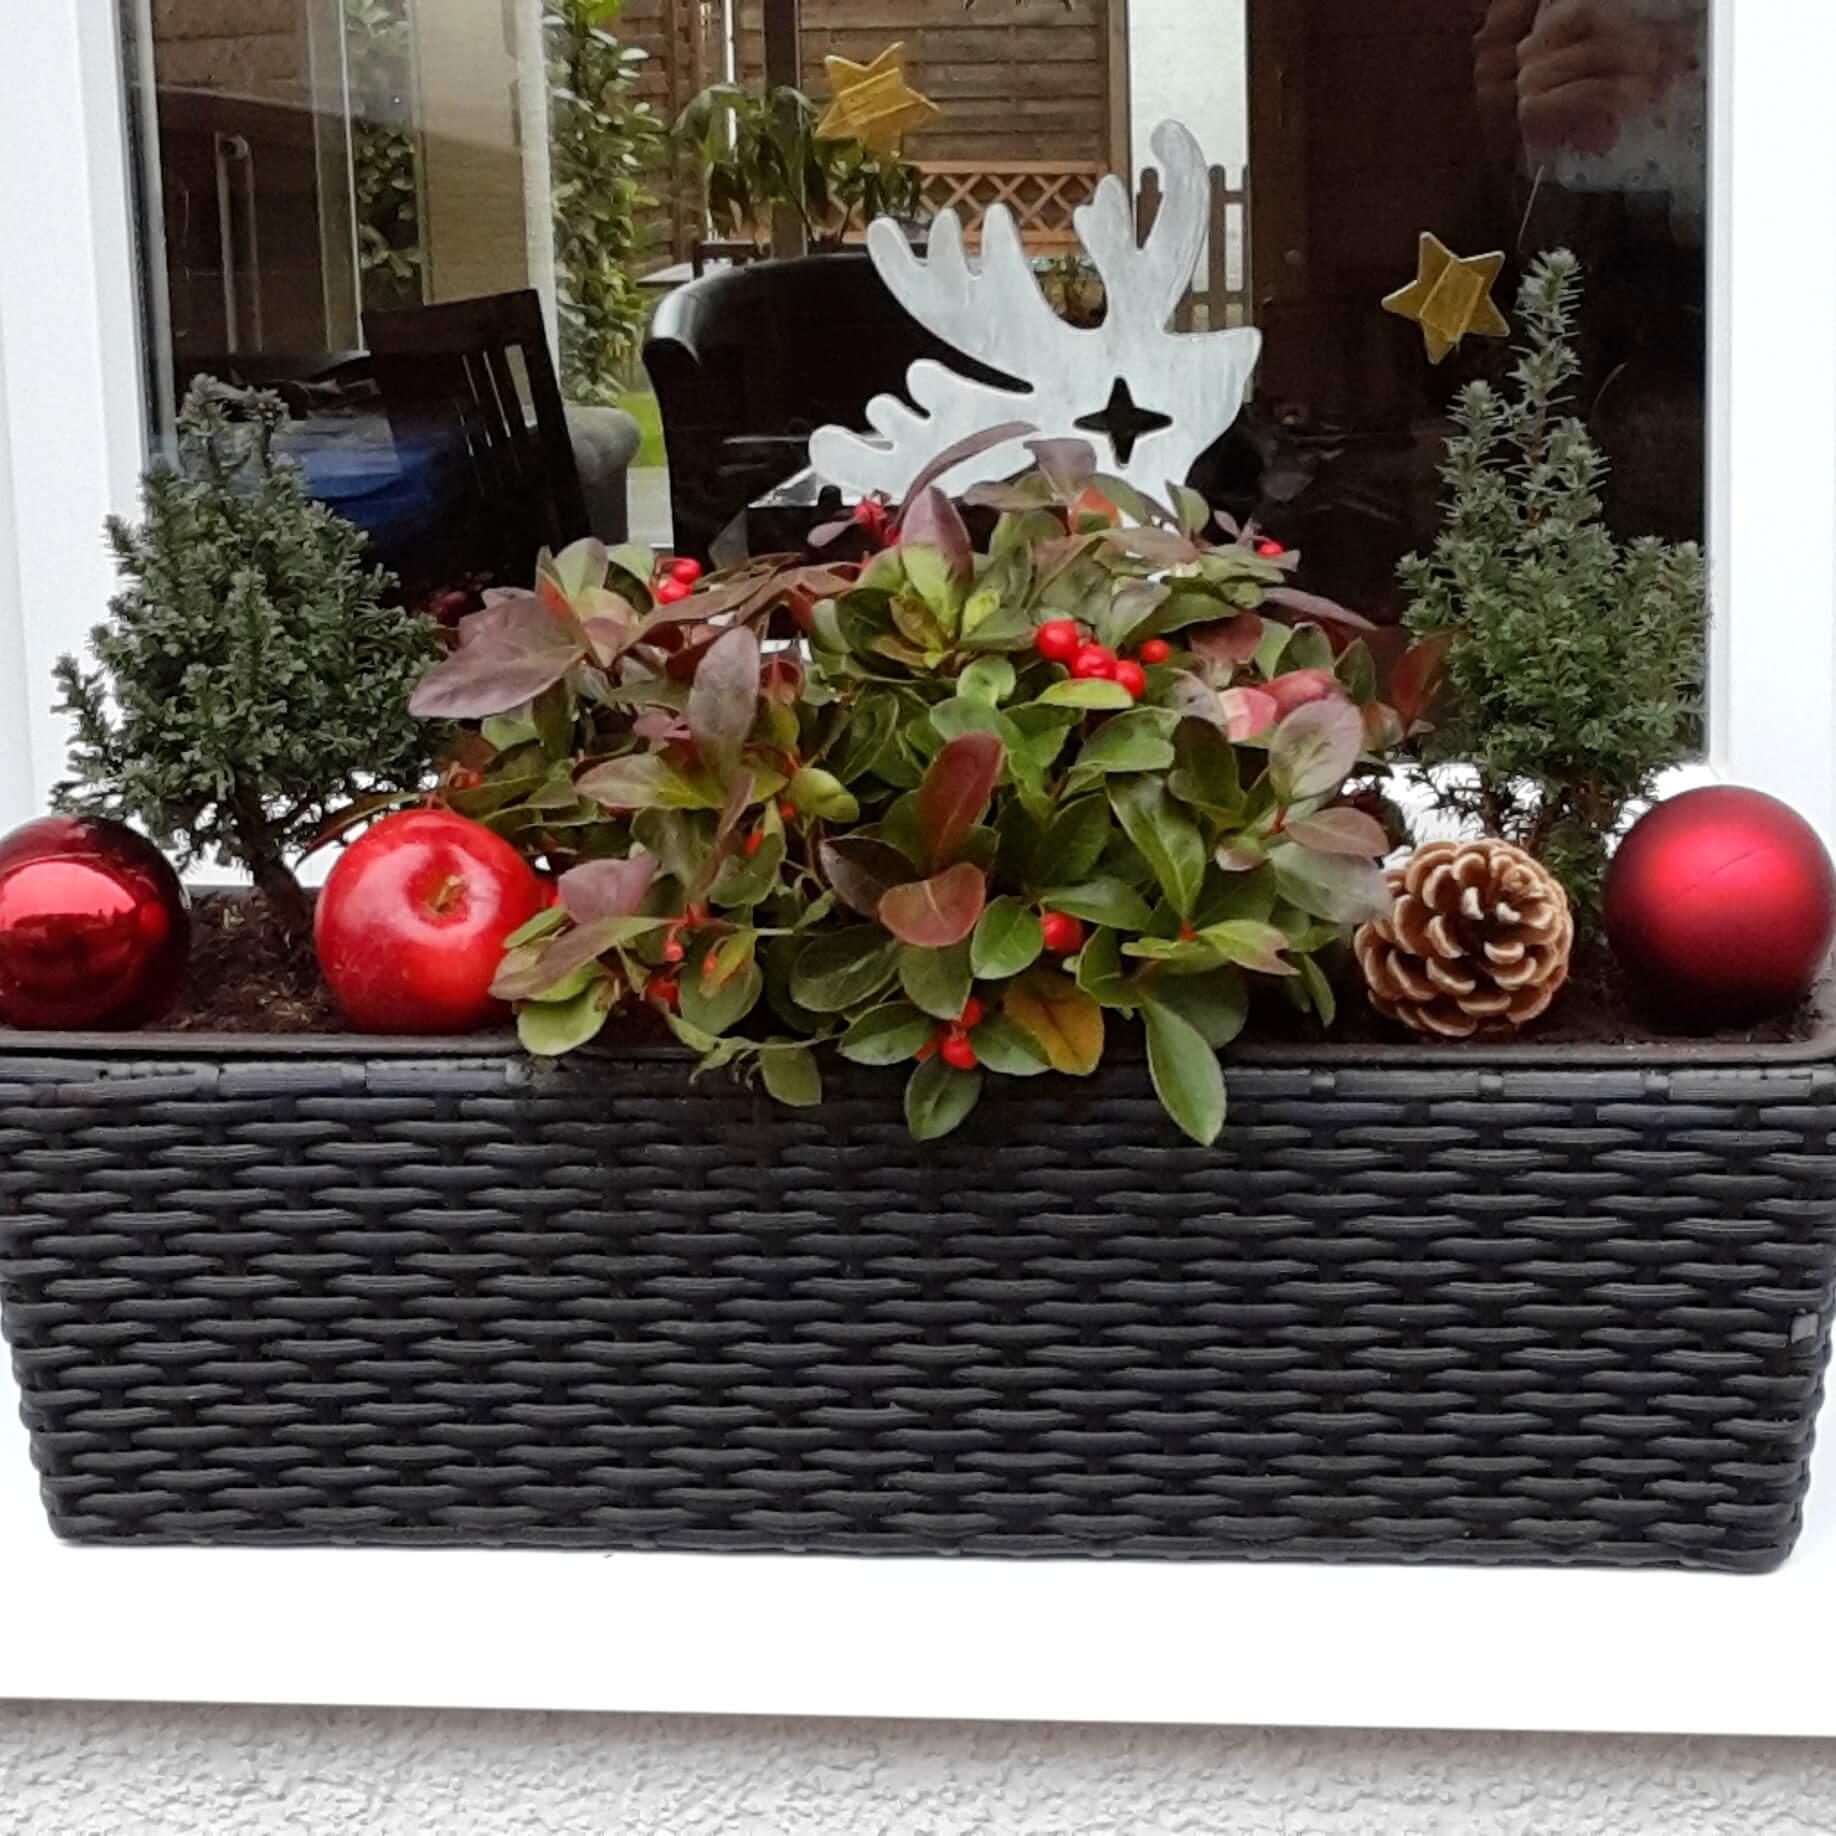 Pflanzen am Küchenfenster im Advent